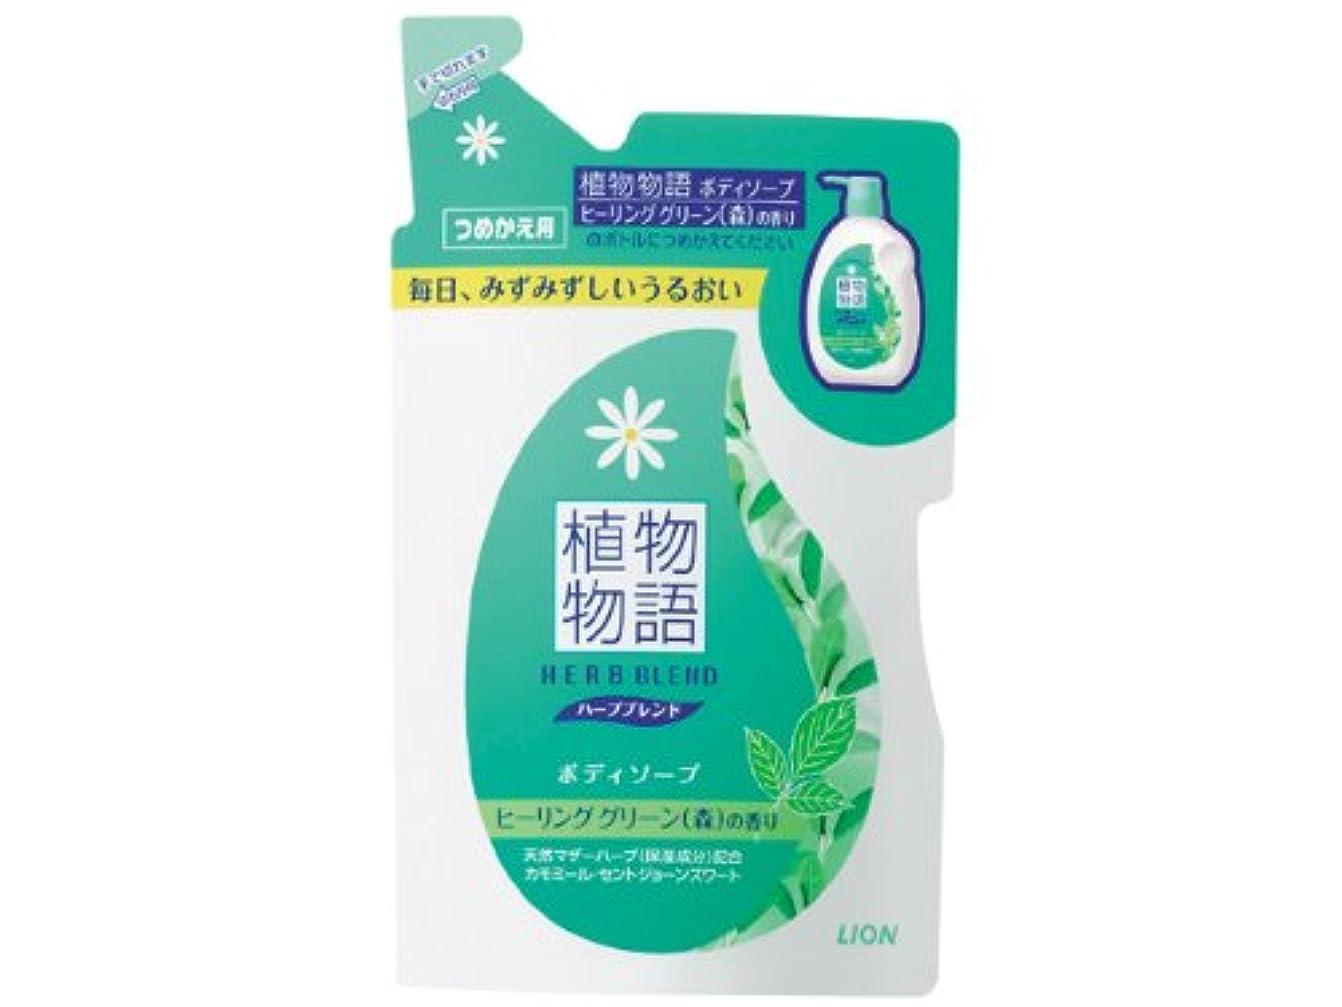 自動サラダ父方の植物物語 ハーブブレンド ボディソープ ヒーリンググリーン(森)の香り つめかえ用 420ml